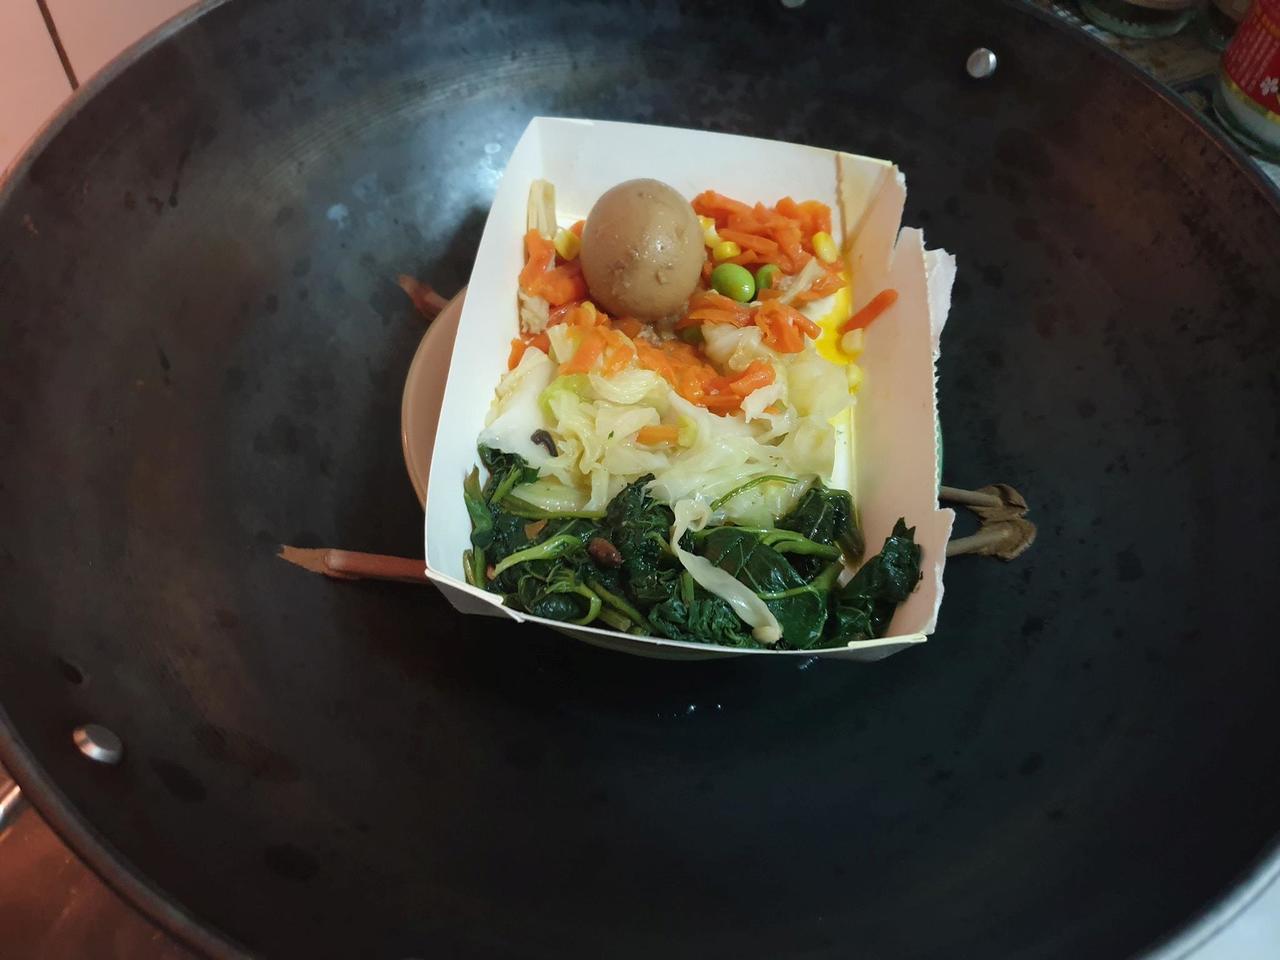 廚藝不佳的妻子蒸菜時竟然把塑膠筷子也放下去蒸,一開鍋蓋看到融化的筷子讓原PO傻眼...